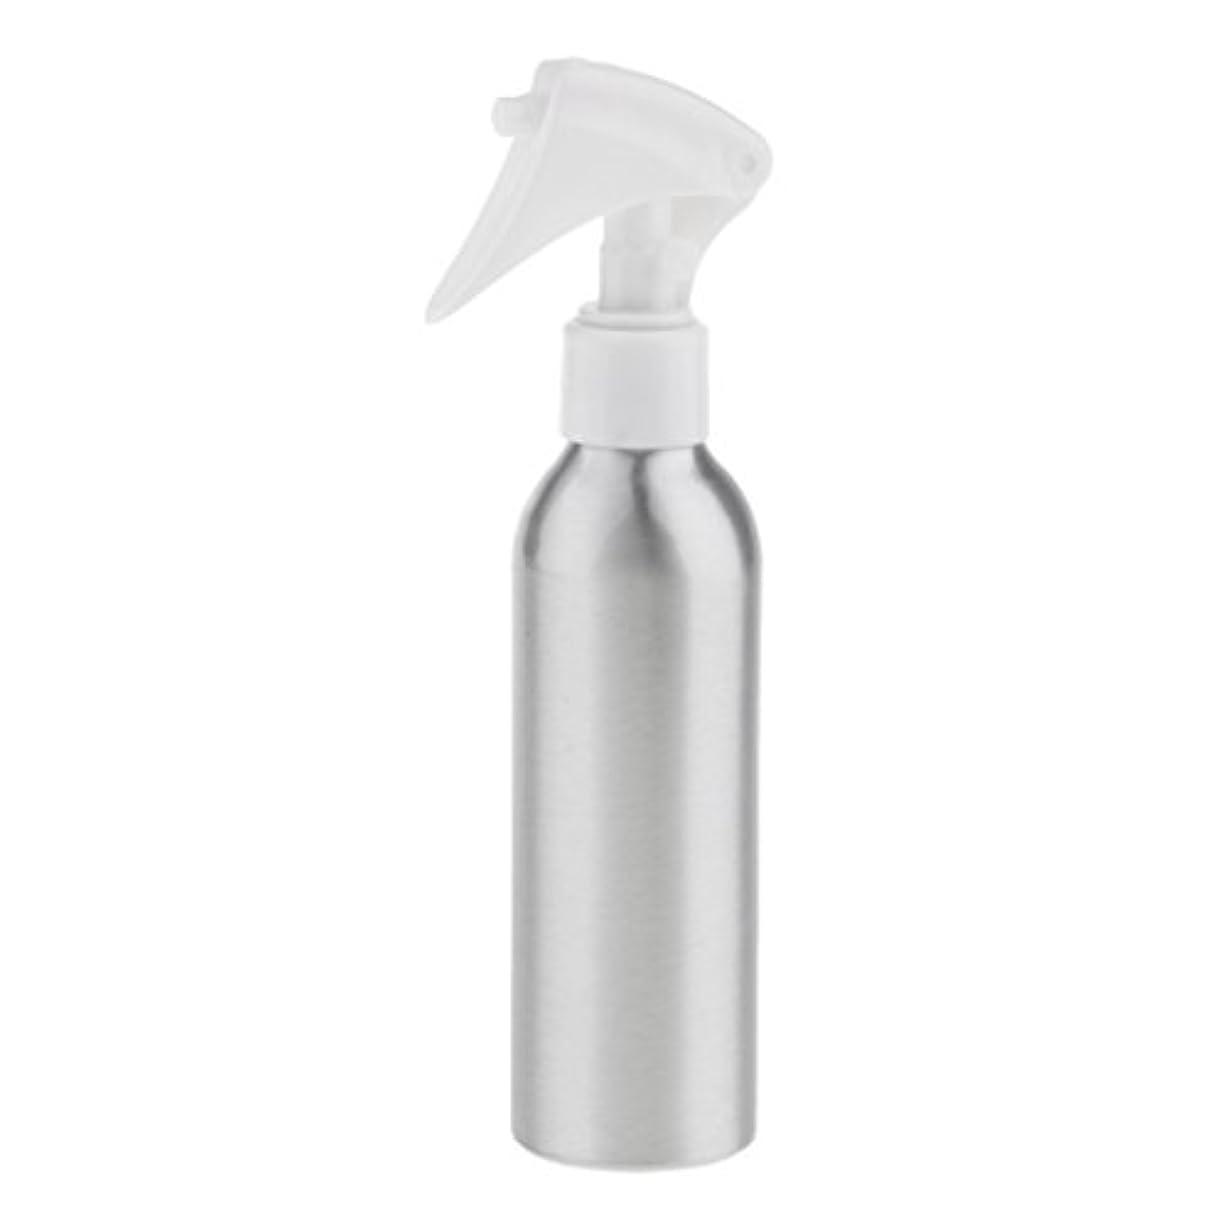 信念ライフルヒュームスプレーボトル - 空の詰め替え式の容器は精油、クリーニング製品、自家製の洗剤、アロマテラピー、水とミストプラント、そしてクリーニング用の酢の混合物に最適 - 150ML